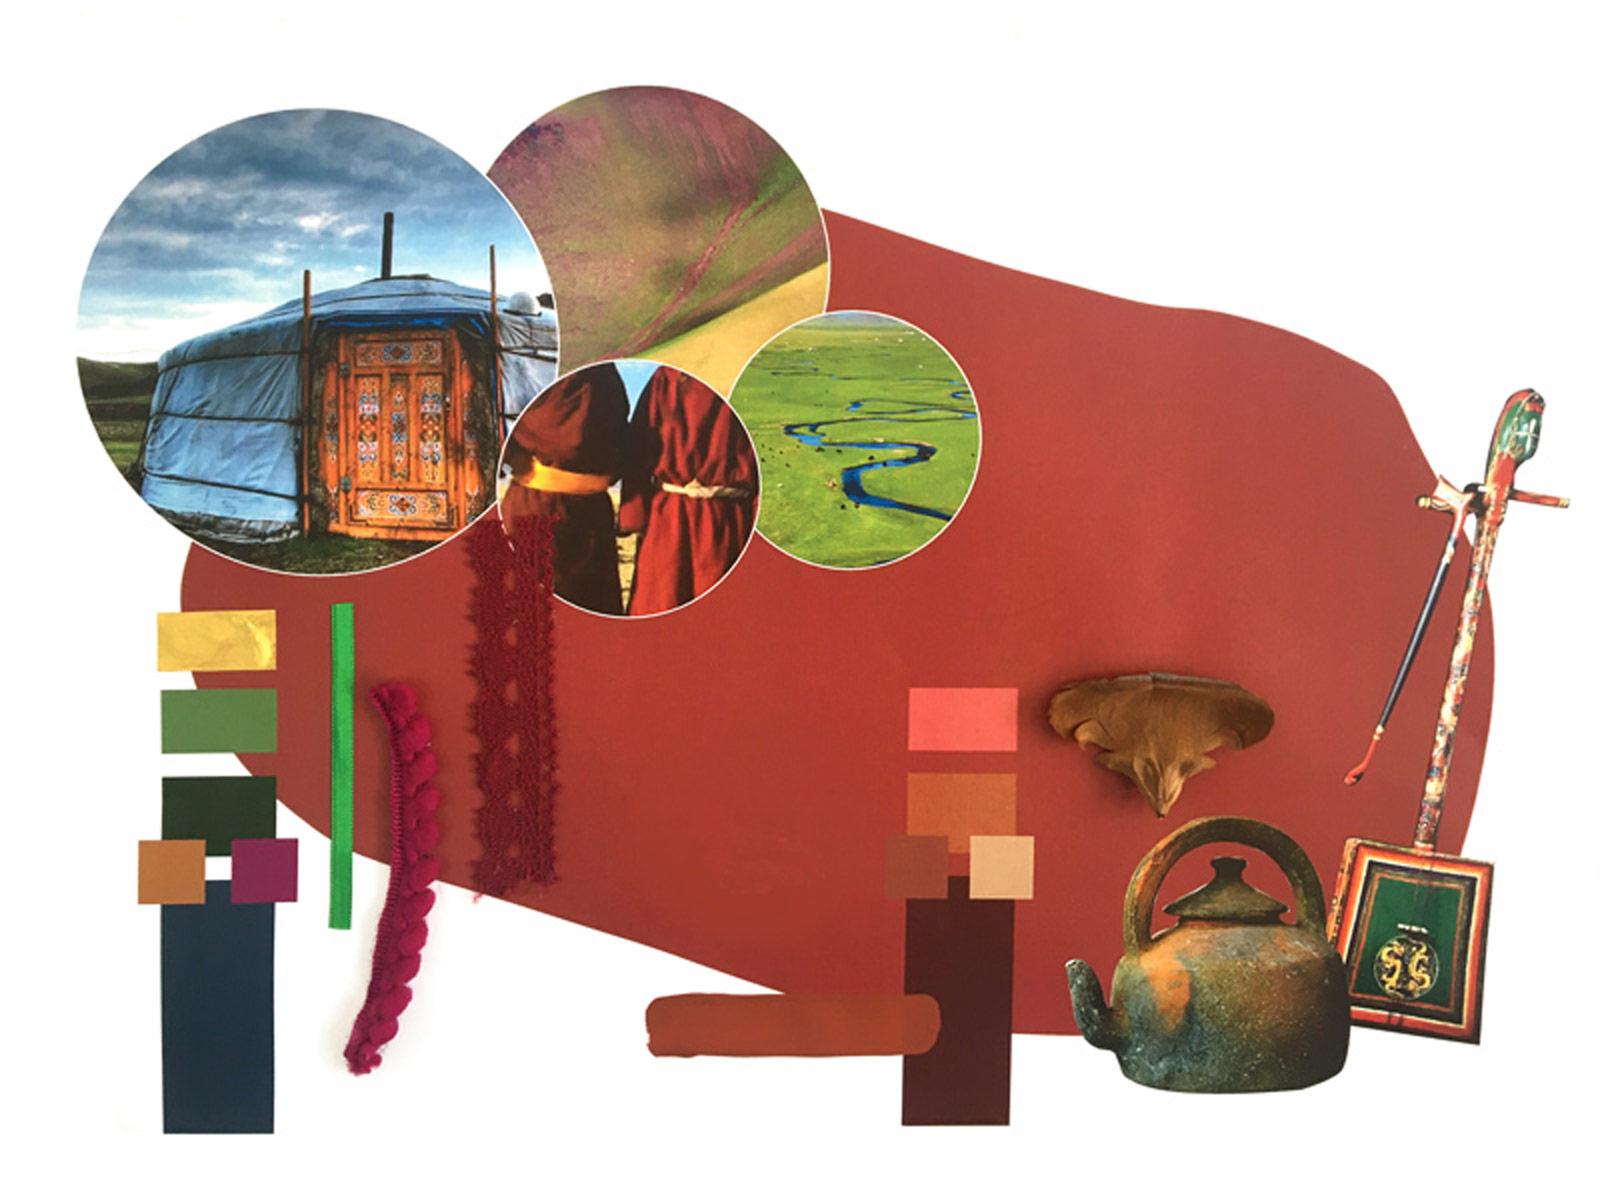 Planche tendance inspirée de Mongolie imaginée par Madame M